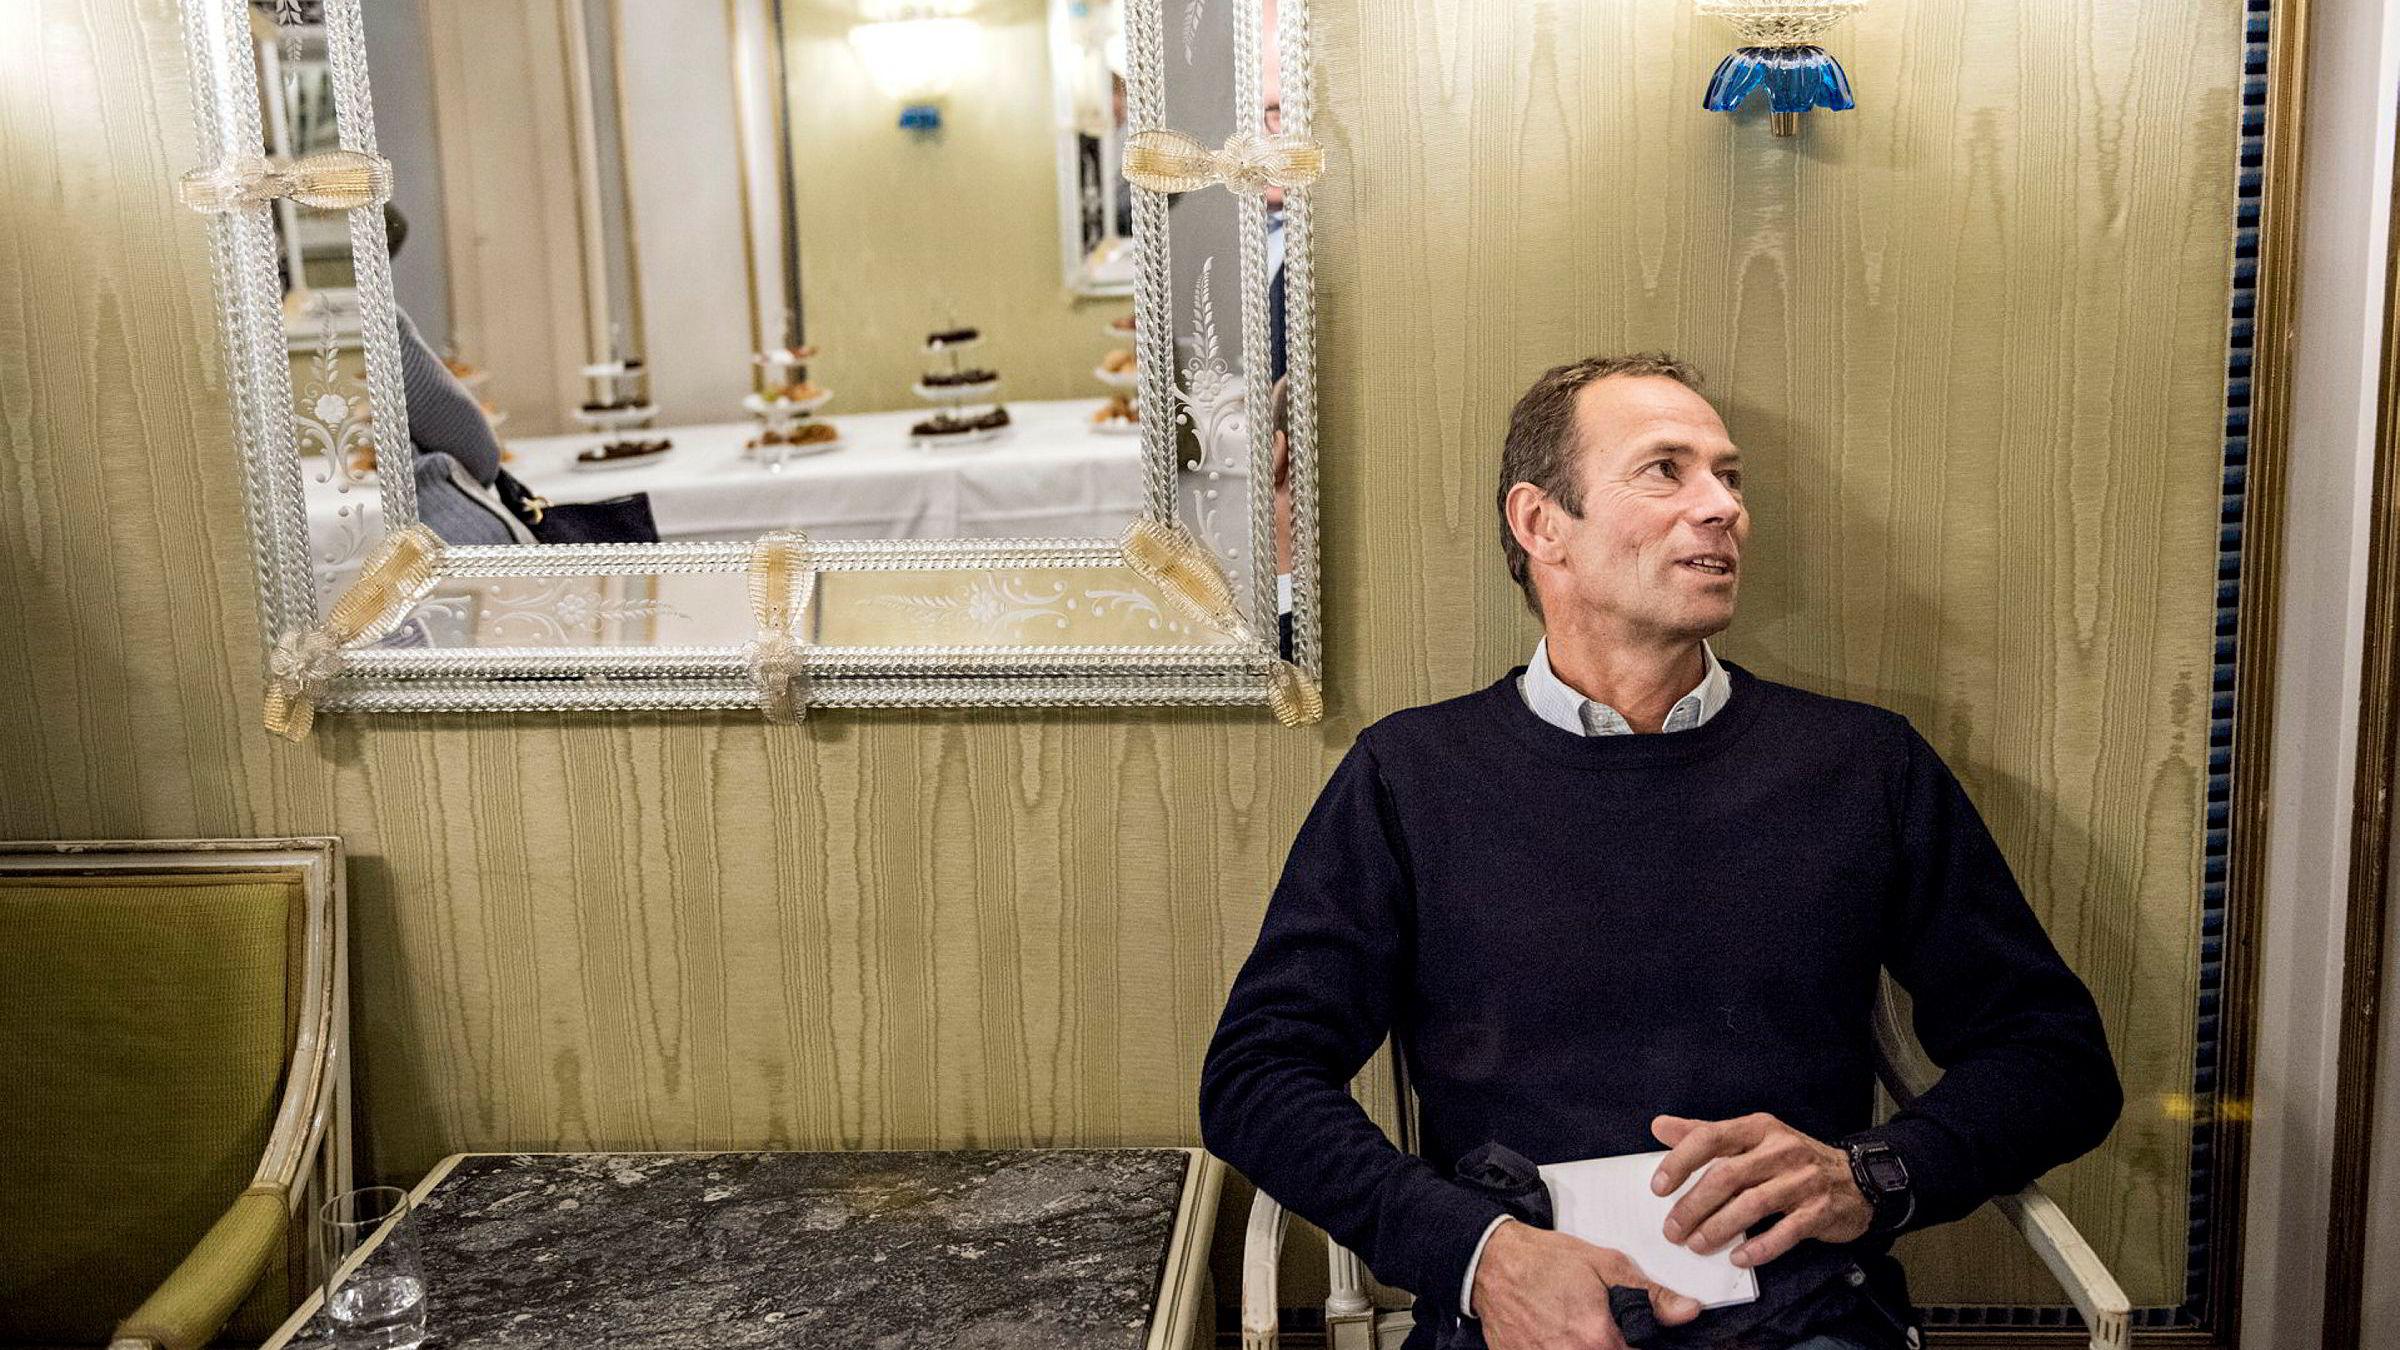 Ivar Tollefsen (56) er i ferd med å bli Skandinavias største eiendomsbaron og kontrollerer nå nærmere 30.000 utleieleiligheter verdt 55 milliarder kroner i Norge, Sverige og Danmark.